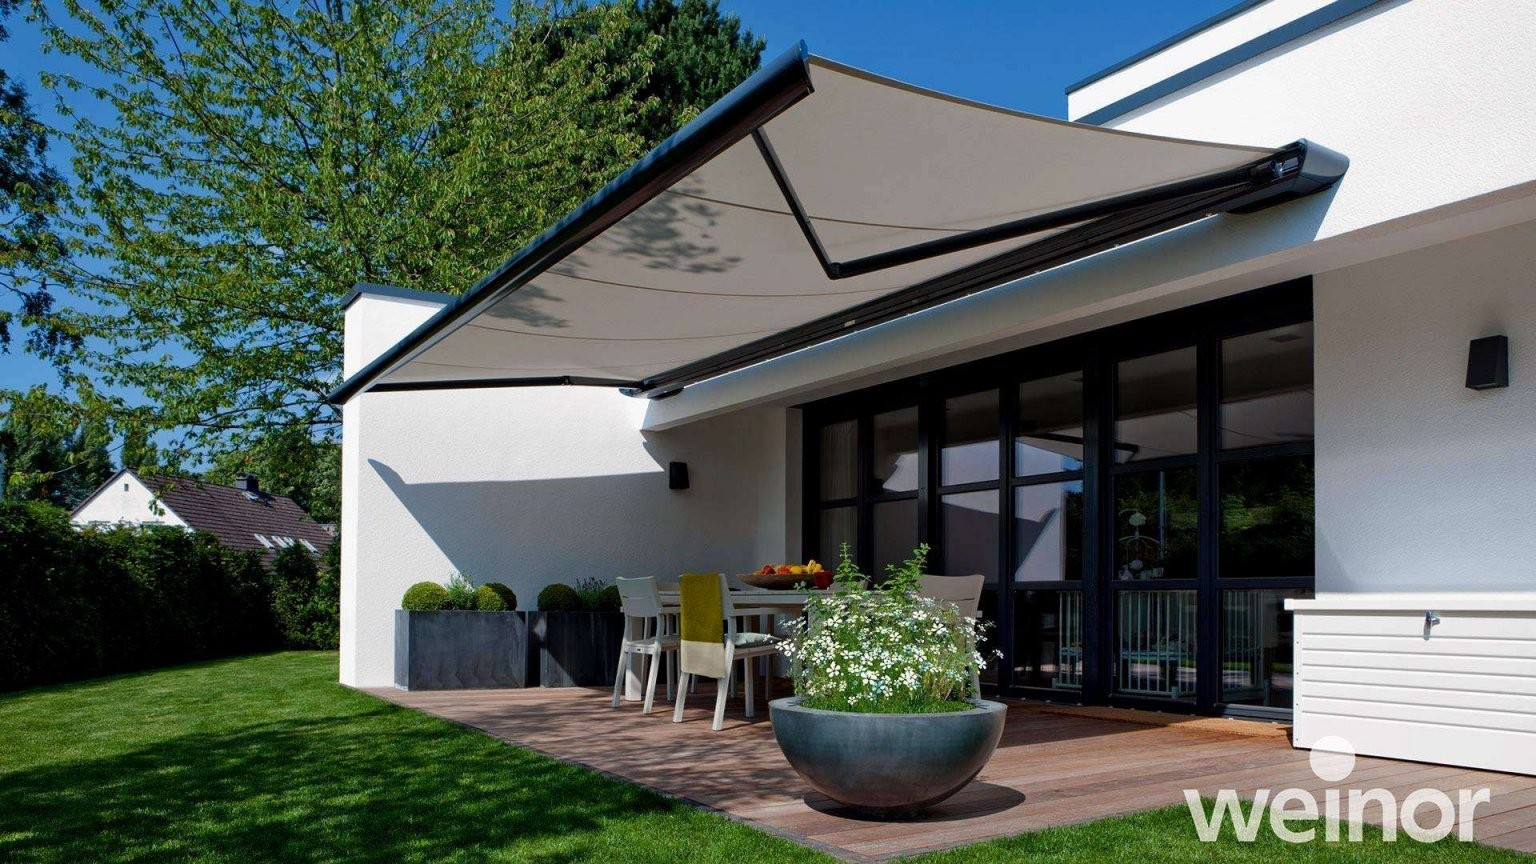 Eigentumswohnung Mit Garten Neu Wohnung In Potsdam Kaufen Einfach von Wohnung In Potsdam Kaufen Photo